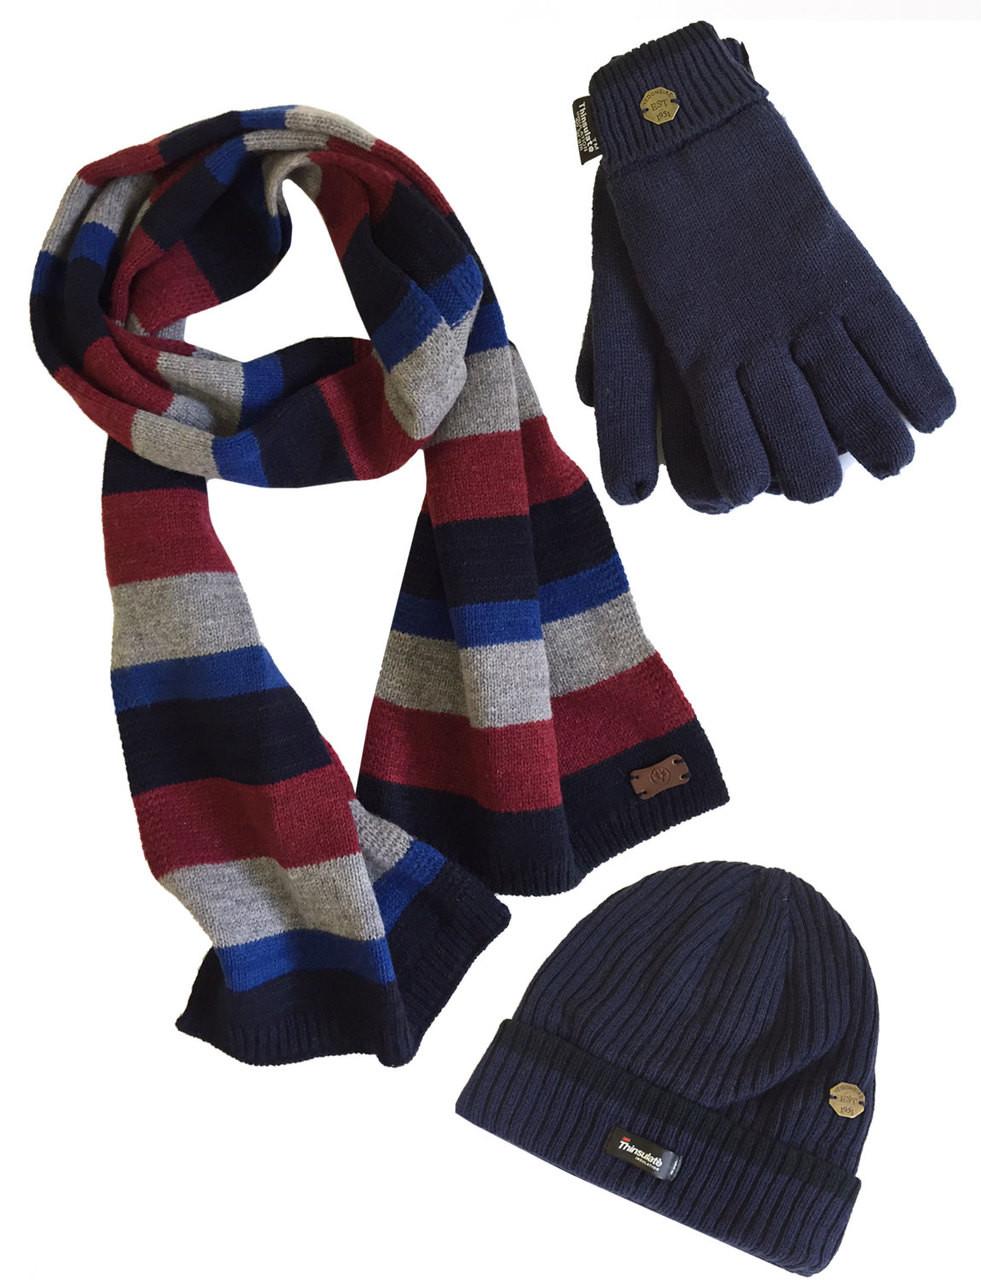 Men s Hat Glove Scarf set (3022) Navy Denim - Vedoneire b1a1da0adc6